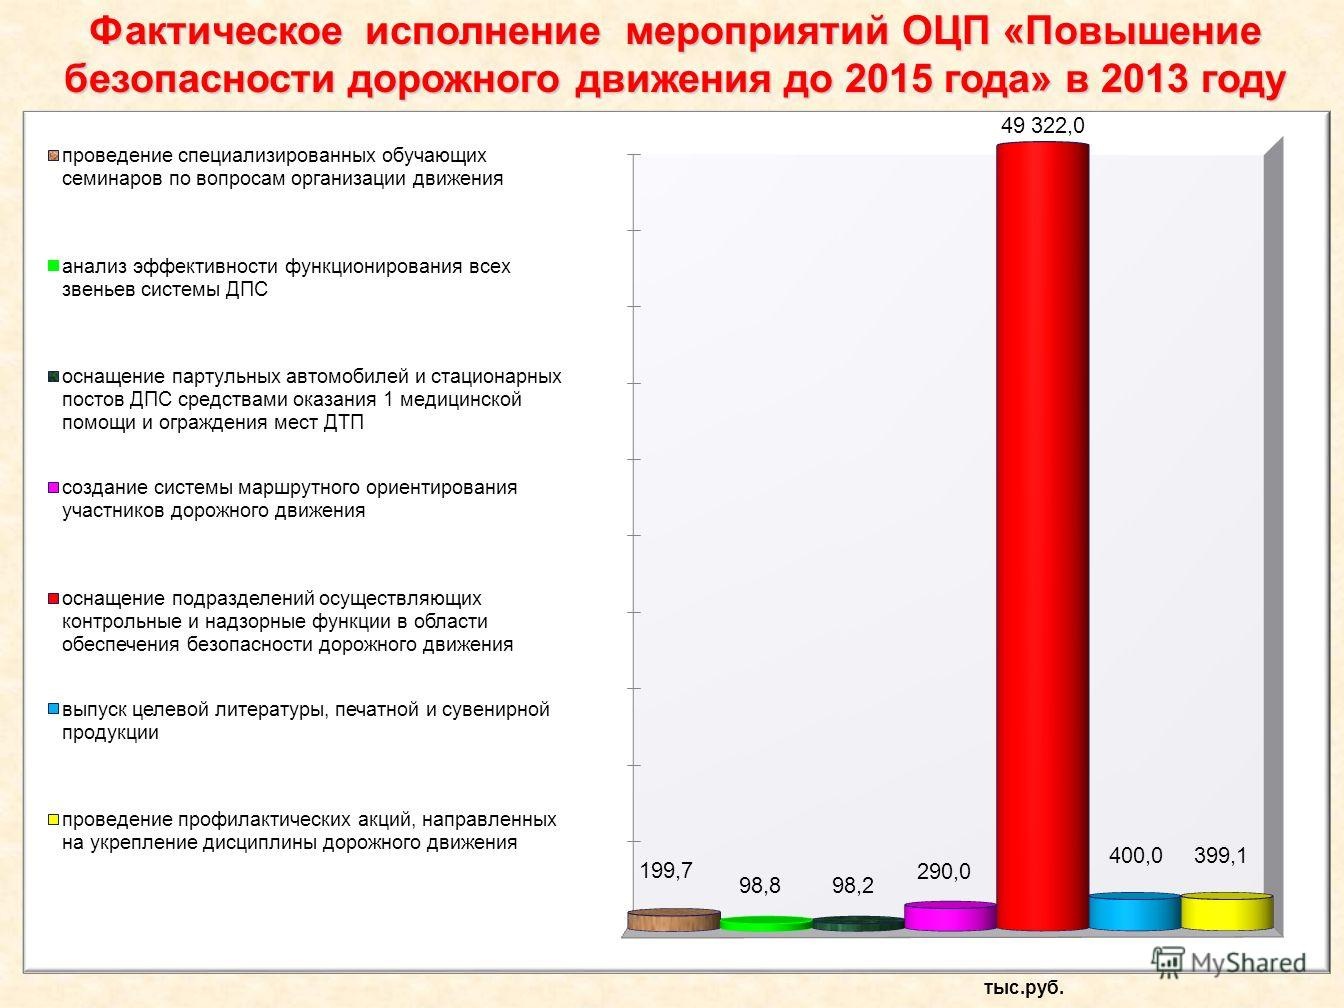 Фактическое исполнение мероприятий ОЦП «Повышение безопасности дорожного движения до 2015 года» в 2013 году тыс.руб.